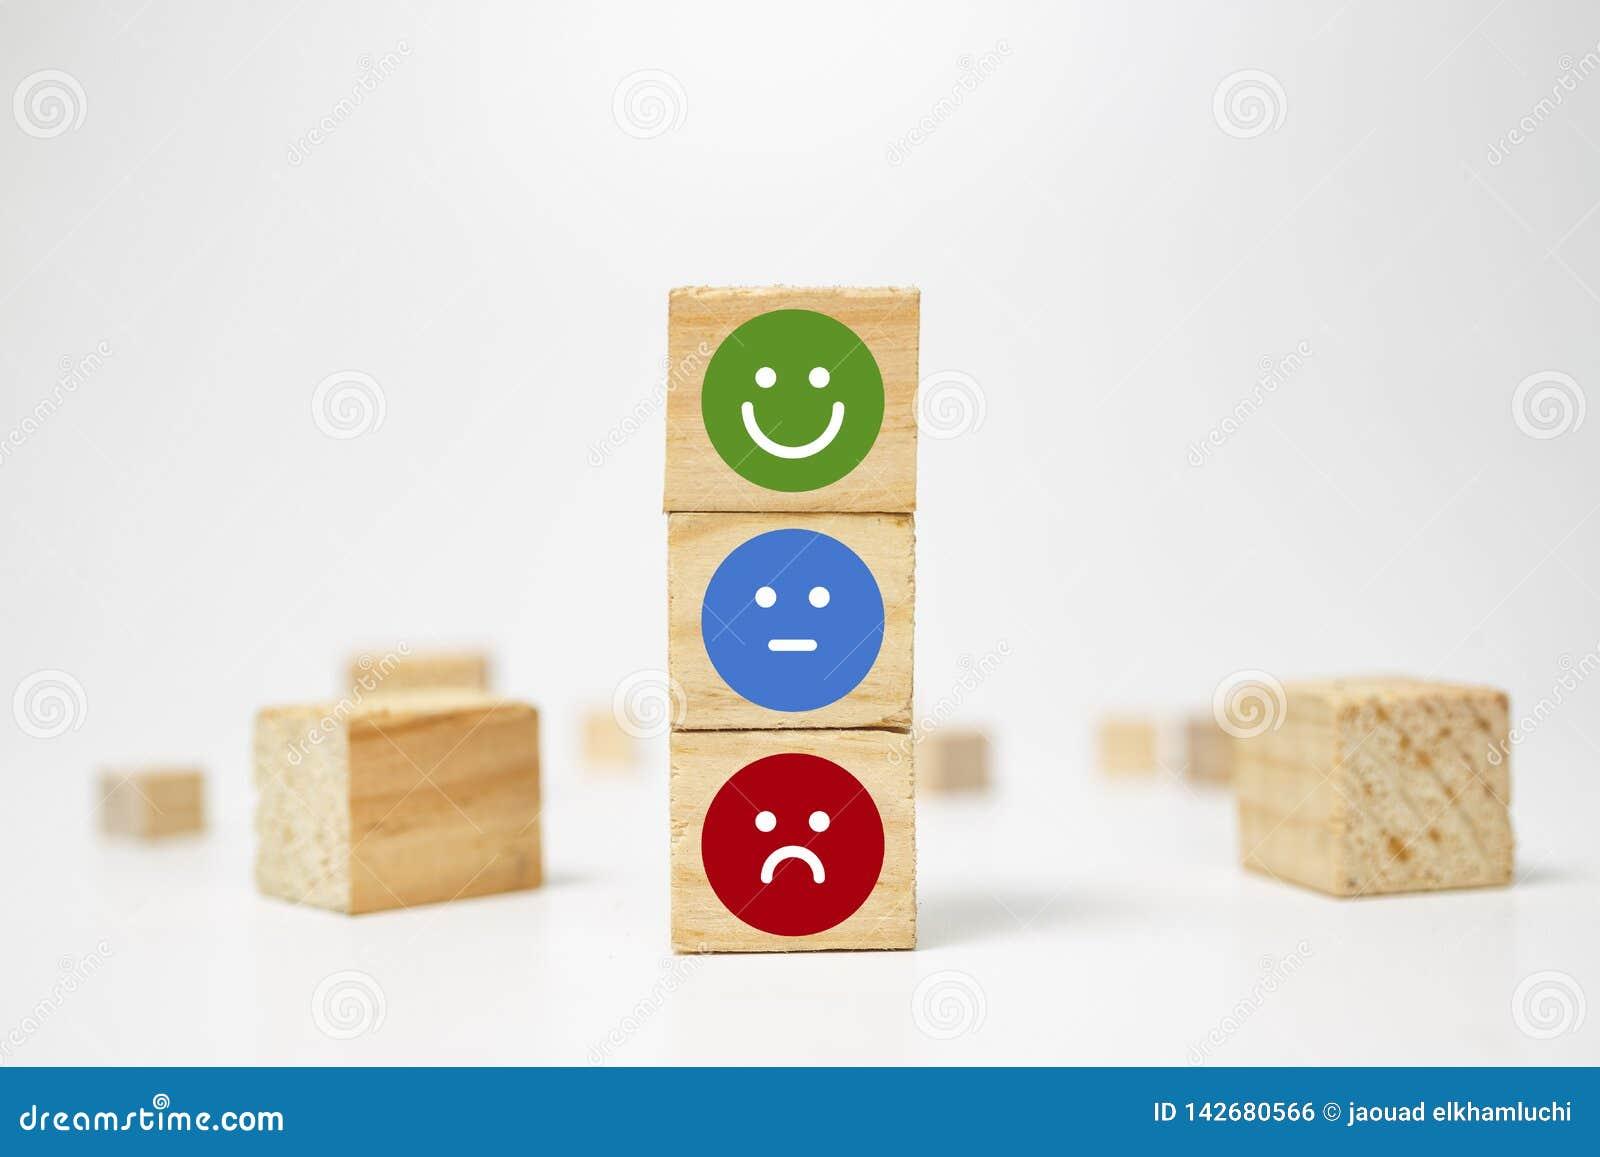 Smiley framsida på träsnittkuben - affärsservice som klassar kunderfarenhet, tillfredsställelsegranskningsbegrepp - återkoppling